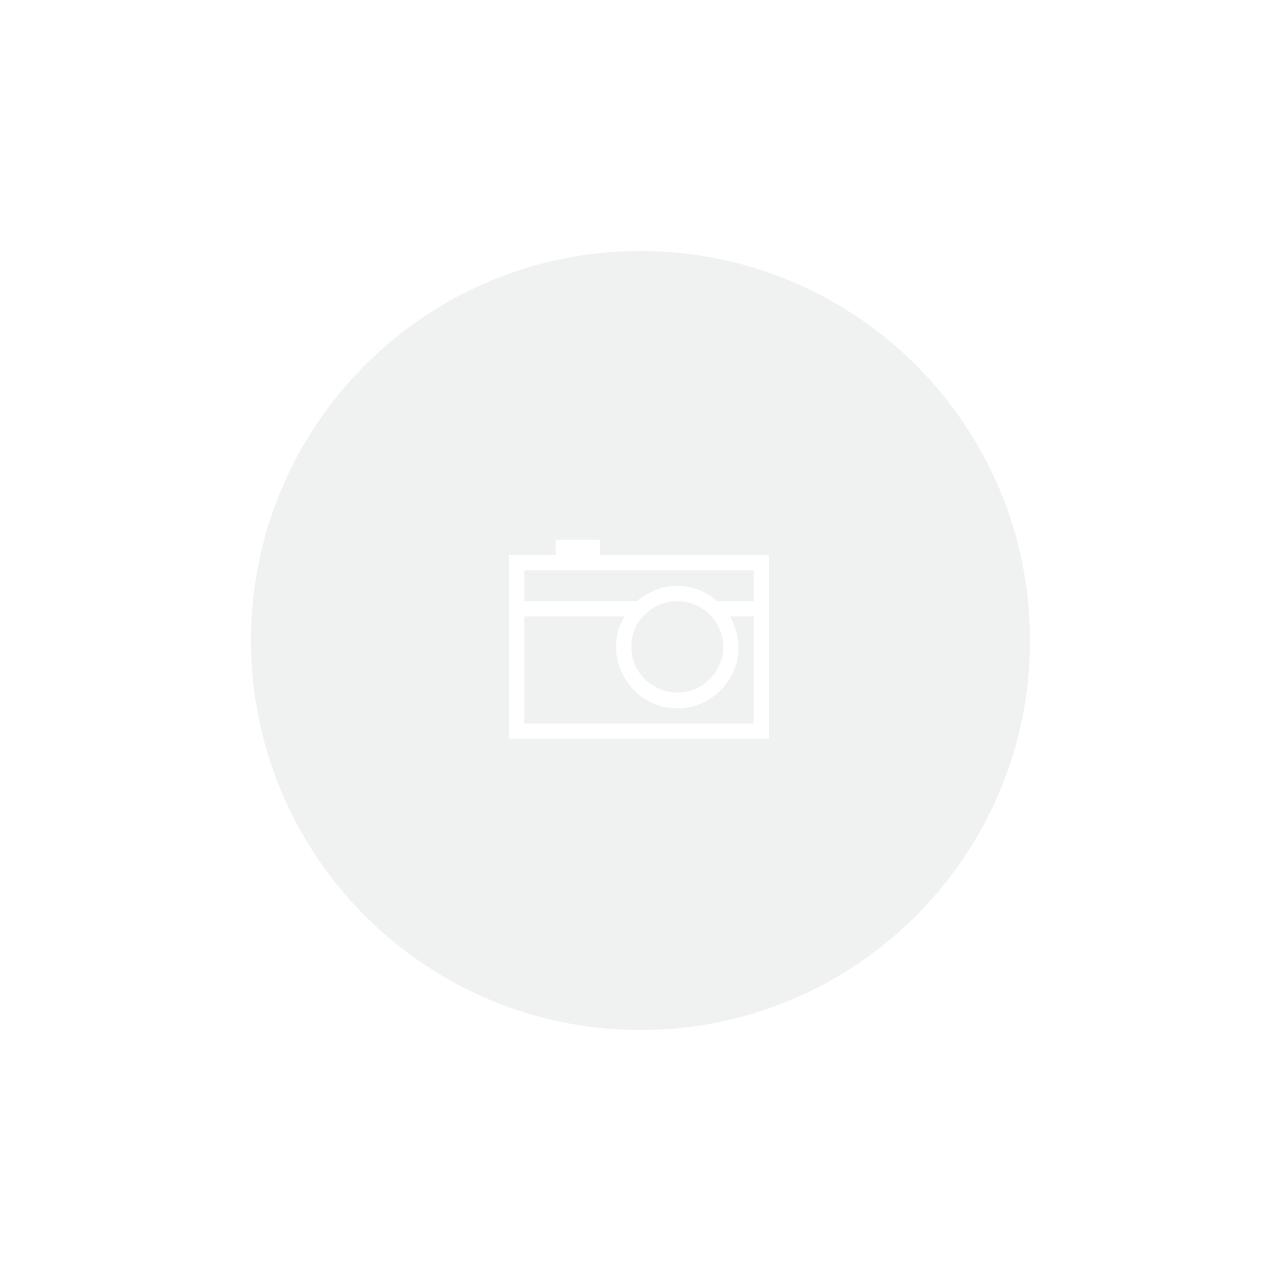 Placa de Vídeo GTX1060 3GB EVGA SSC - 03G-O4-6167-KR